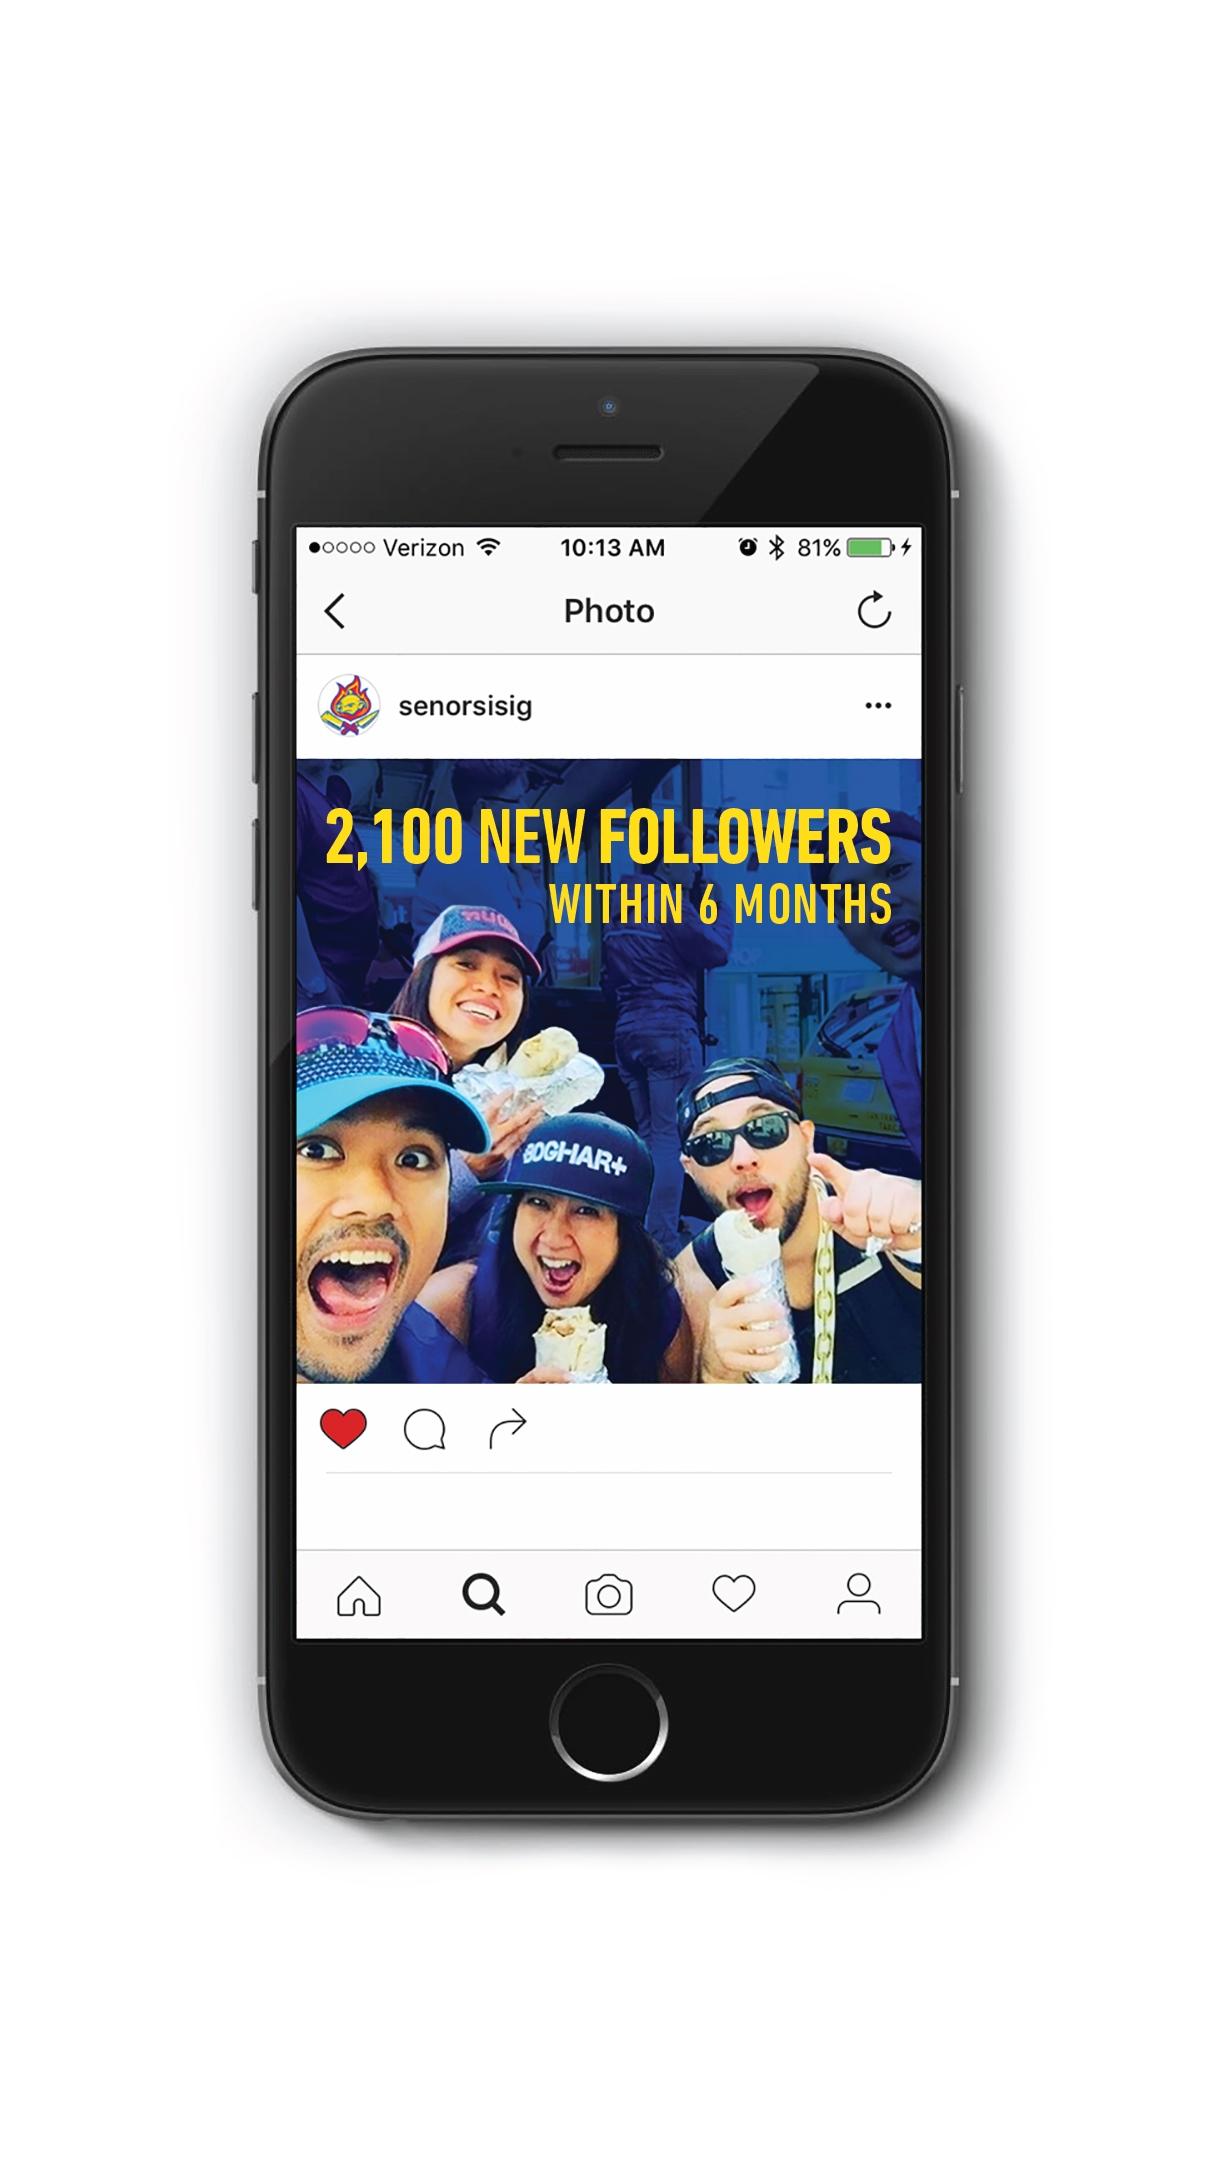 SenorSisig_Instagram_MobileMockup_er-25.jpg